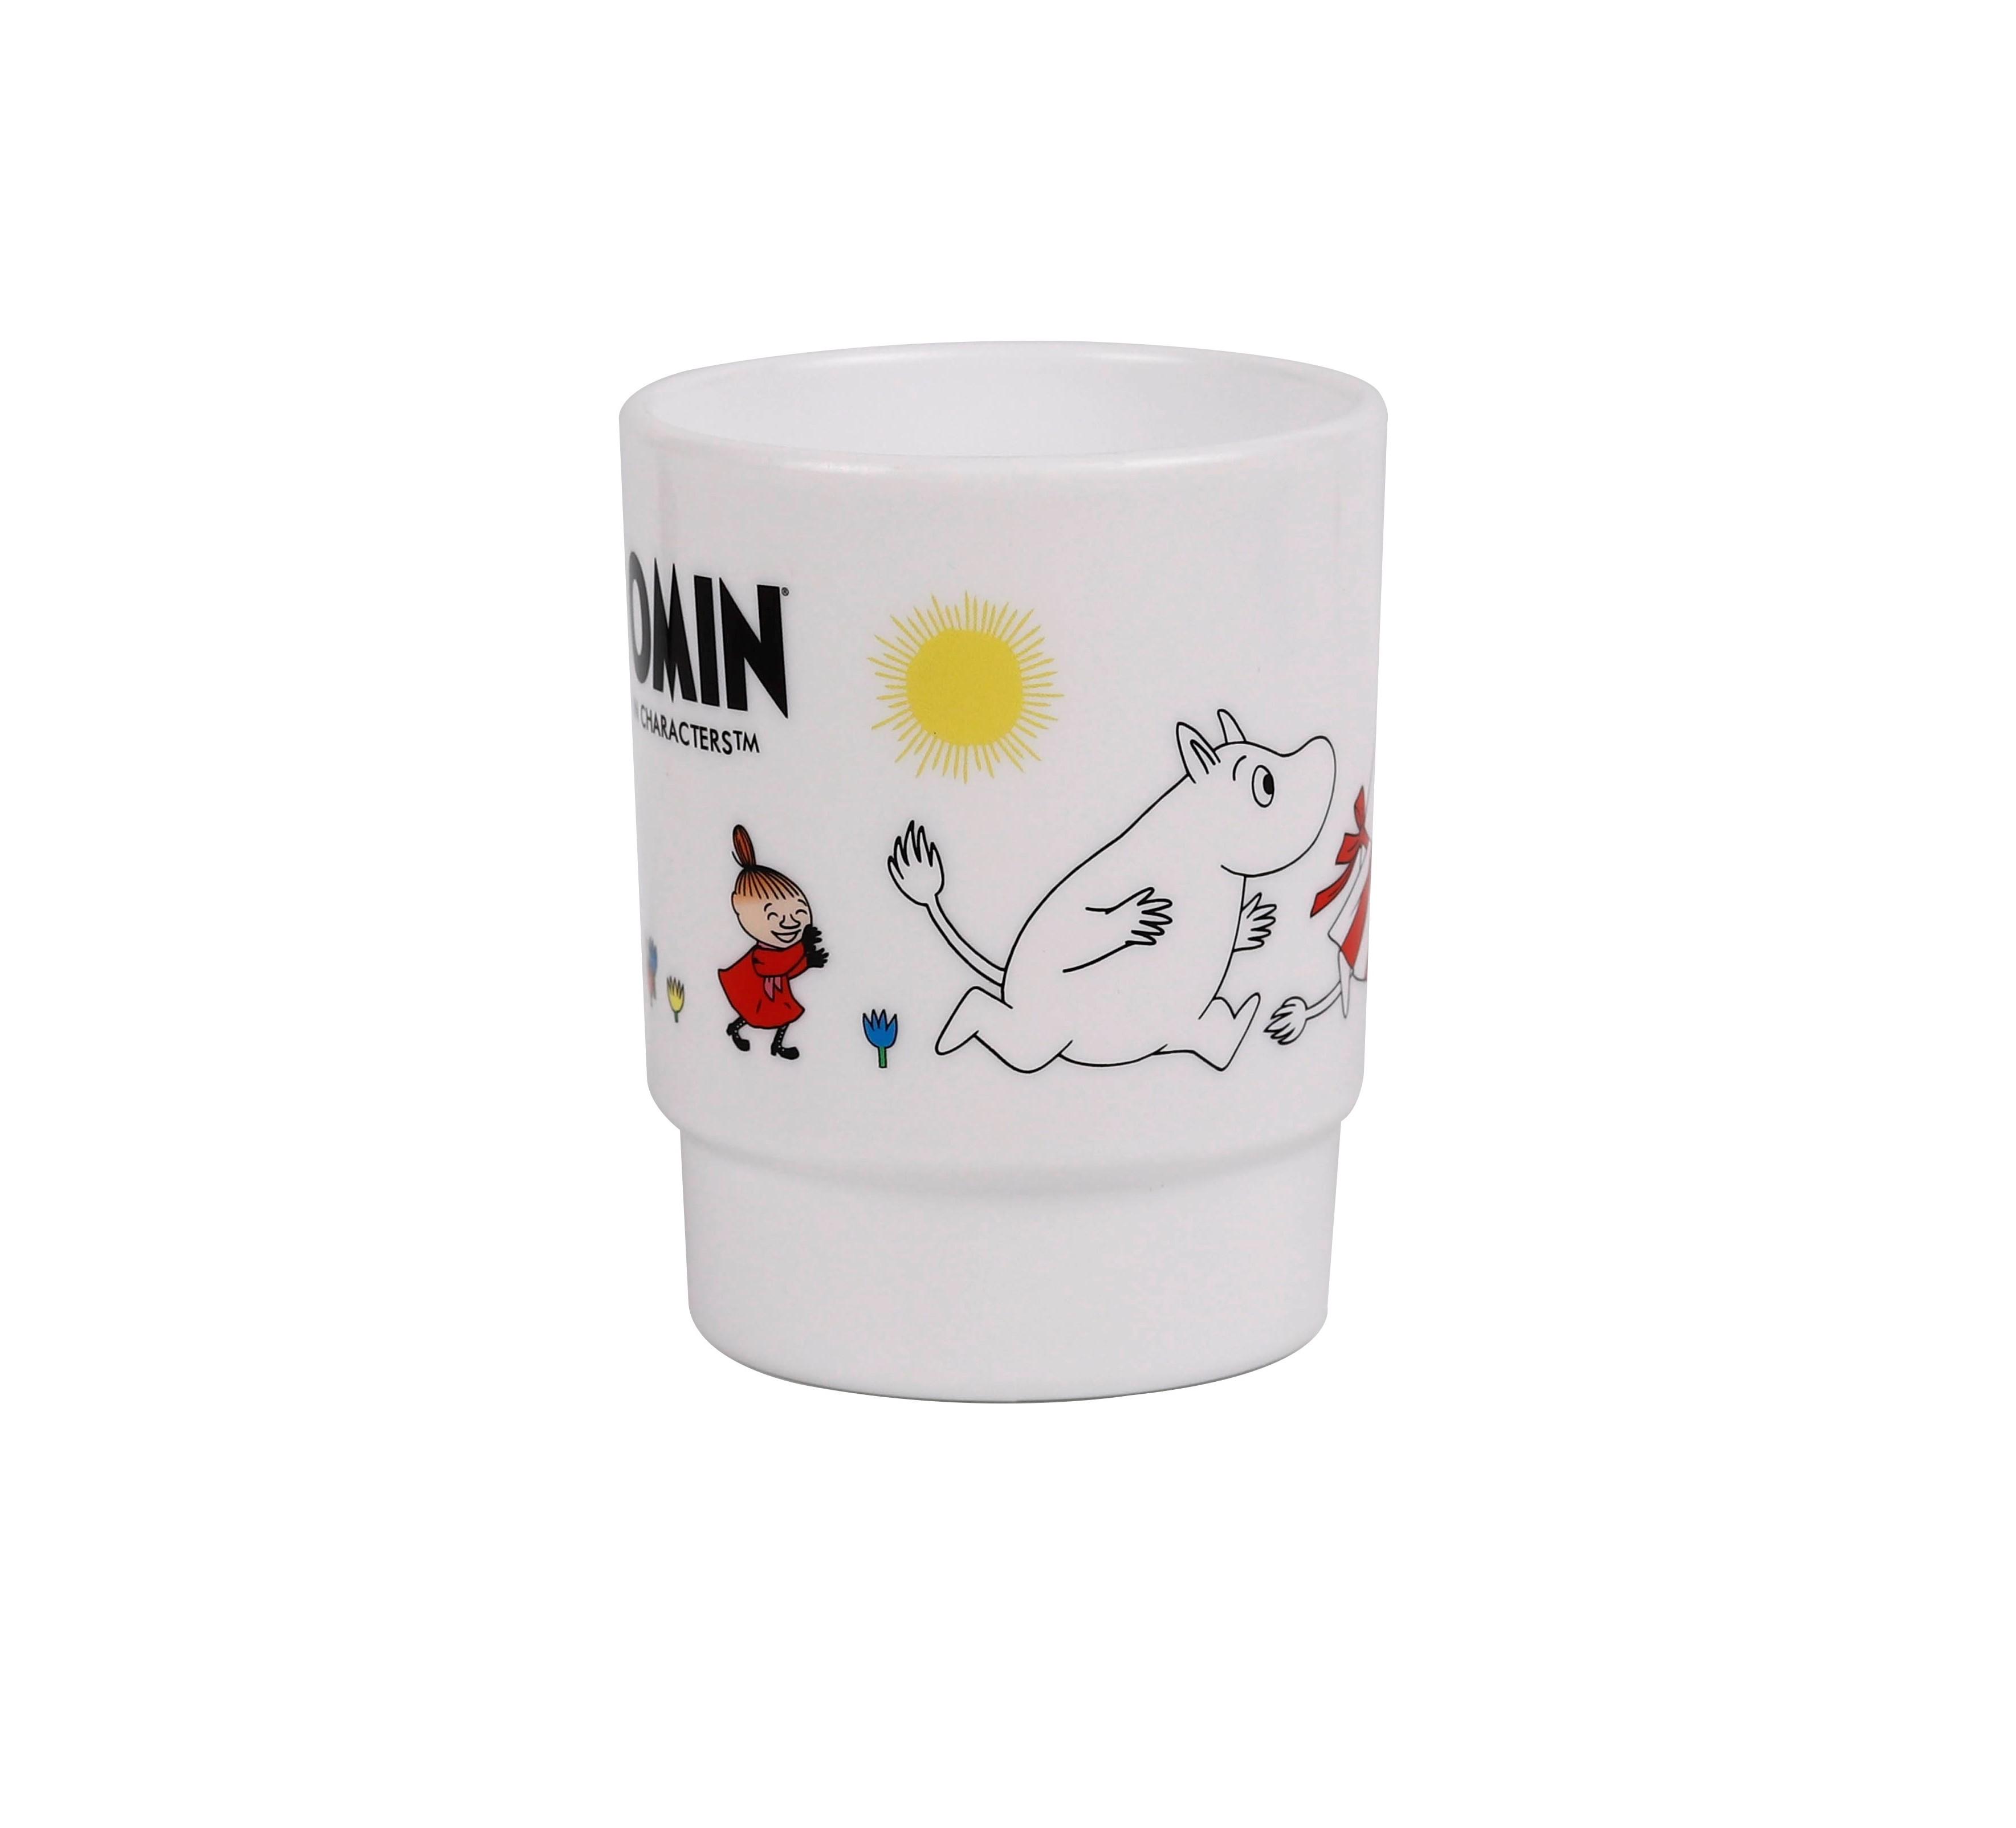 Ca uống nước có quai (10x11cm), mã số: MM-5202